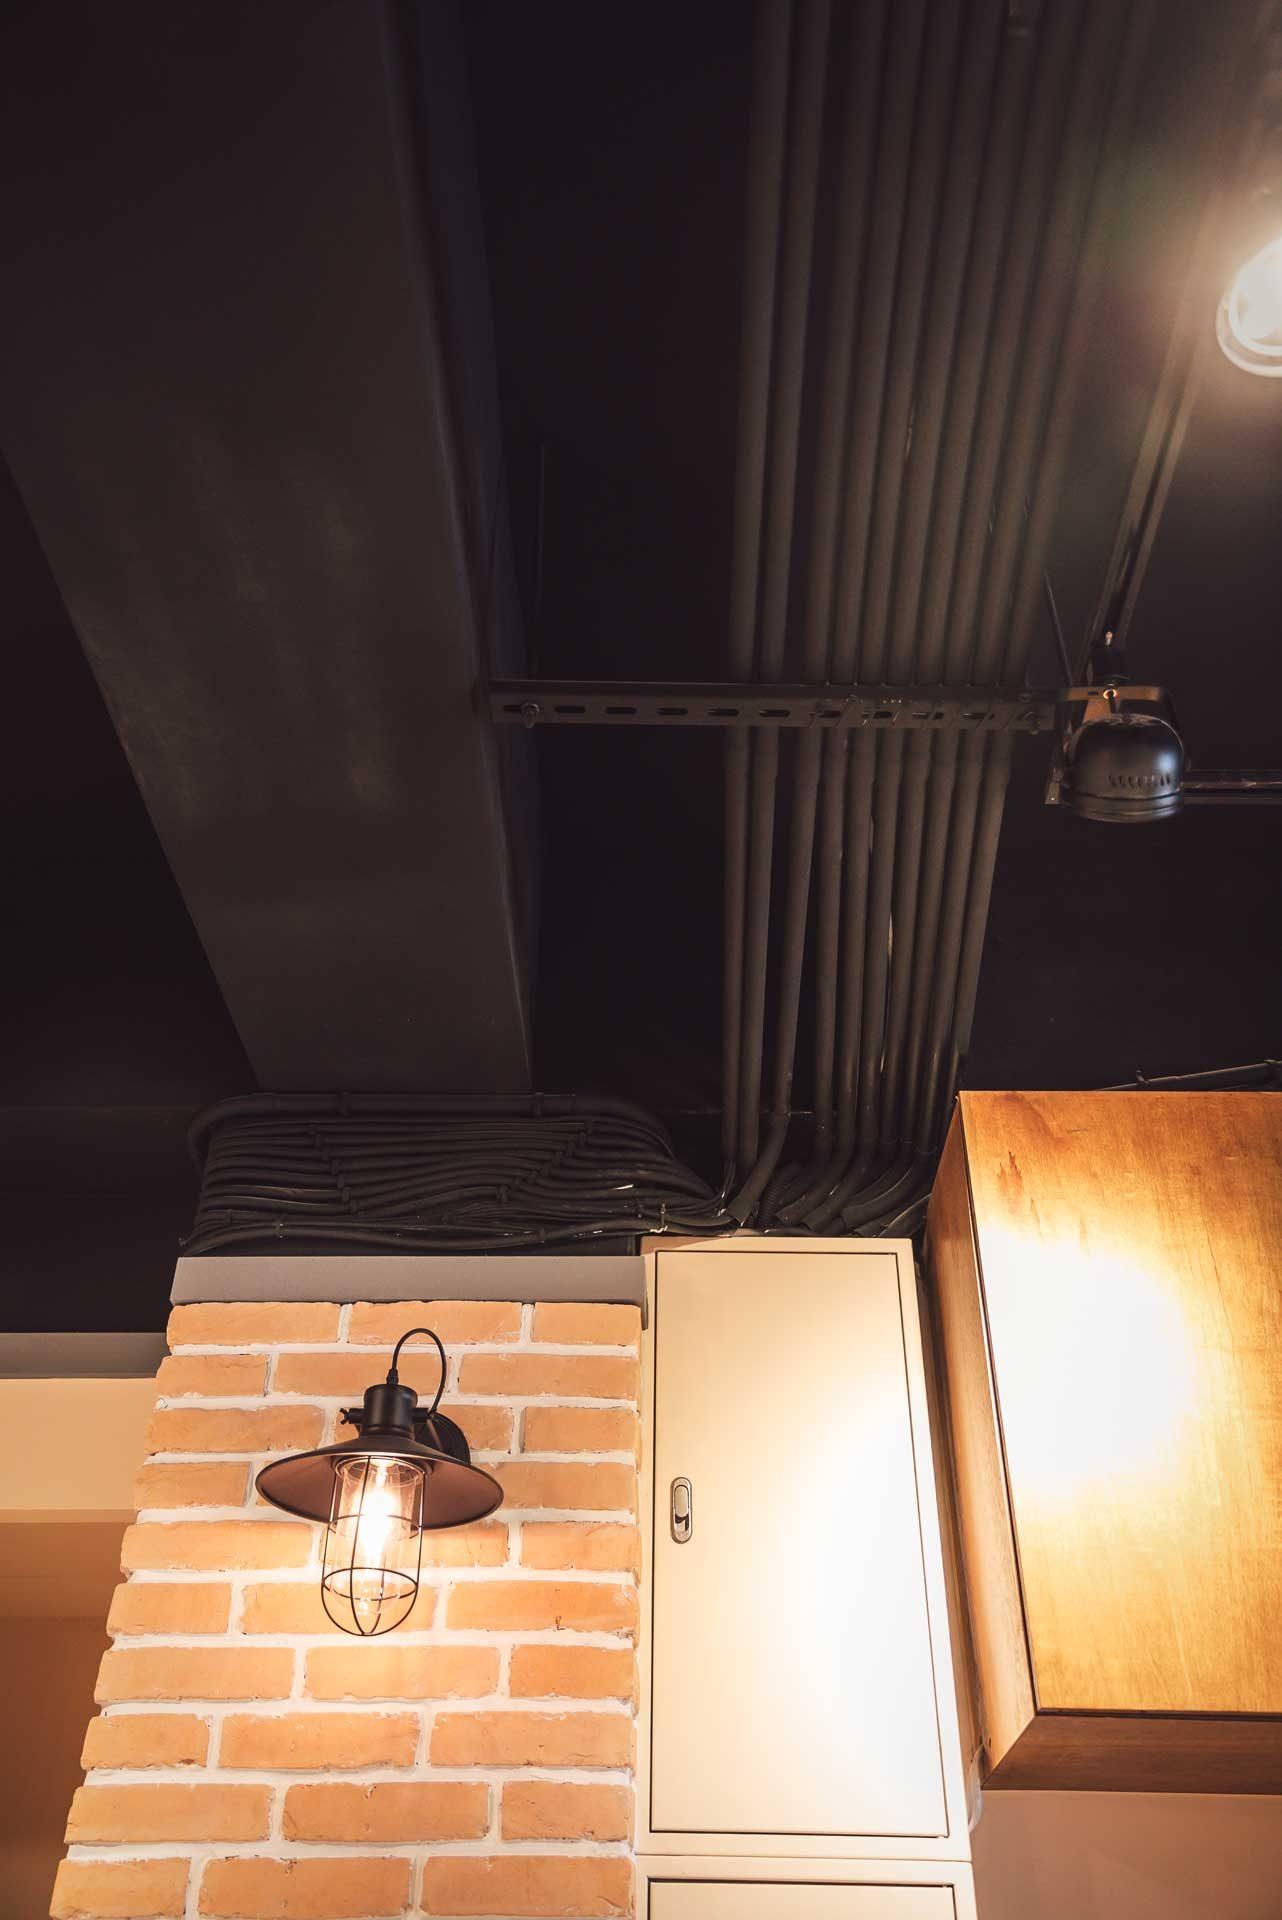 天花板原有的輕鋼架已拆除,取而代之的是乾淨清爽的走線配置